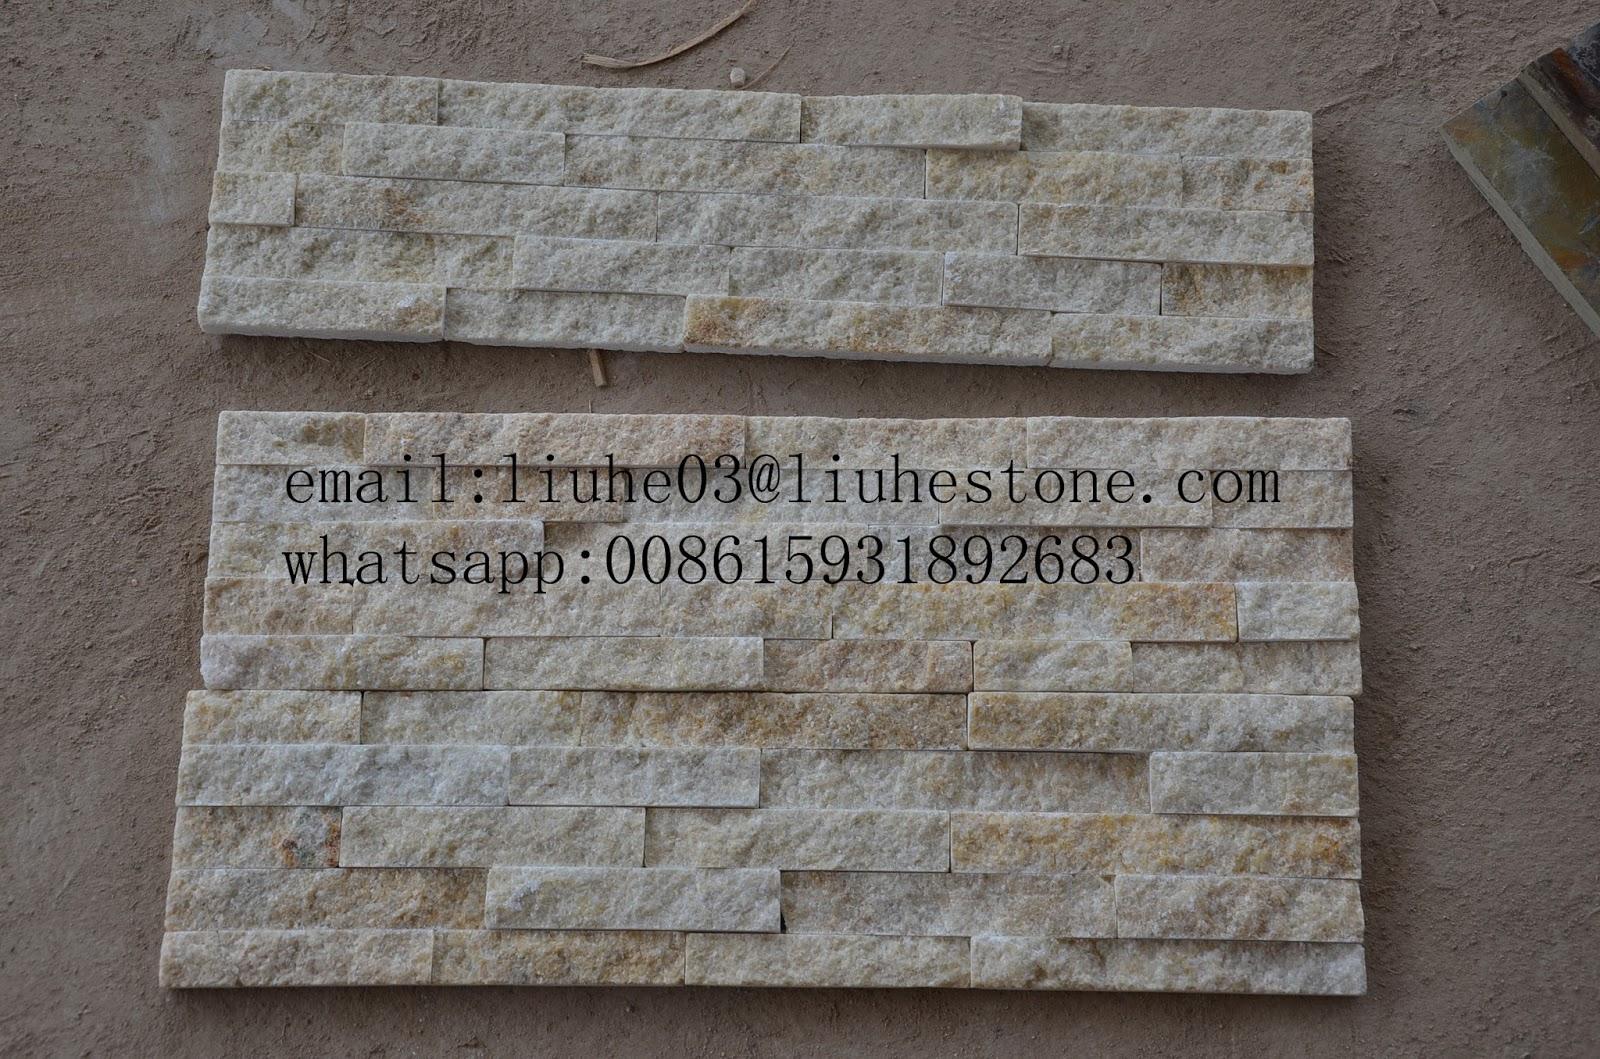 Bess guo piedra de la cultura de piedra decorativa para - Piedra decorativa para paredes ...